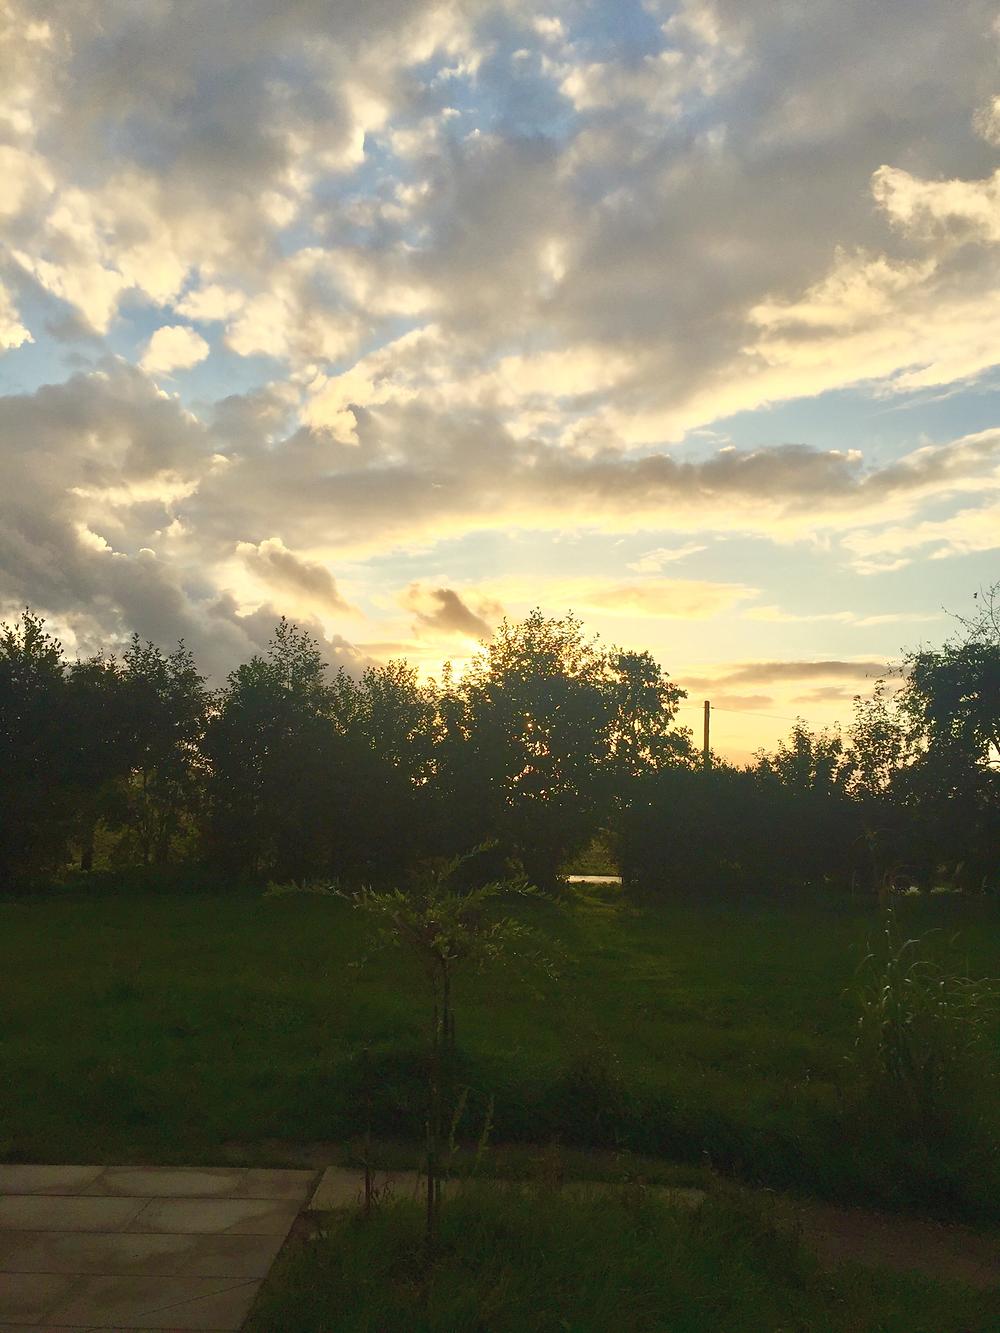 Schnappschuß Richtung Westen kurz vor Sonnenuntergang von der Terrasse  Restaurant am Baggersee